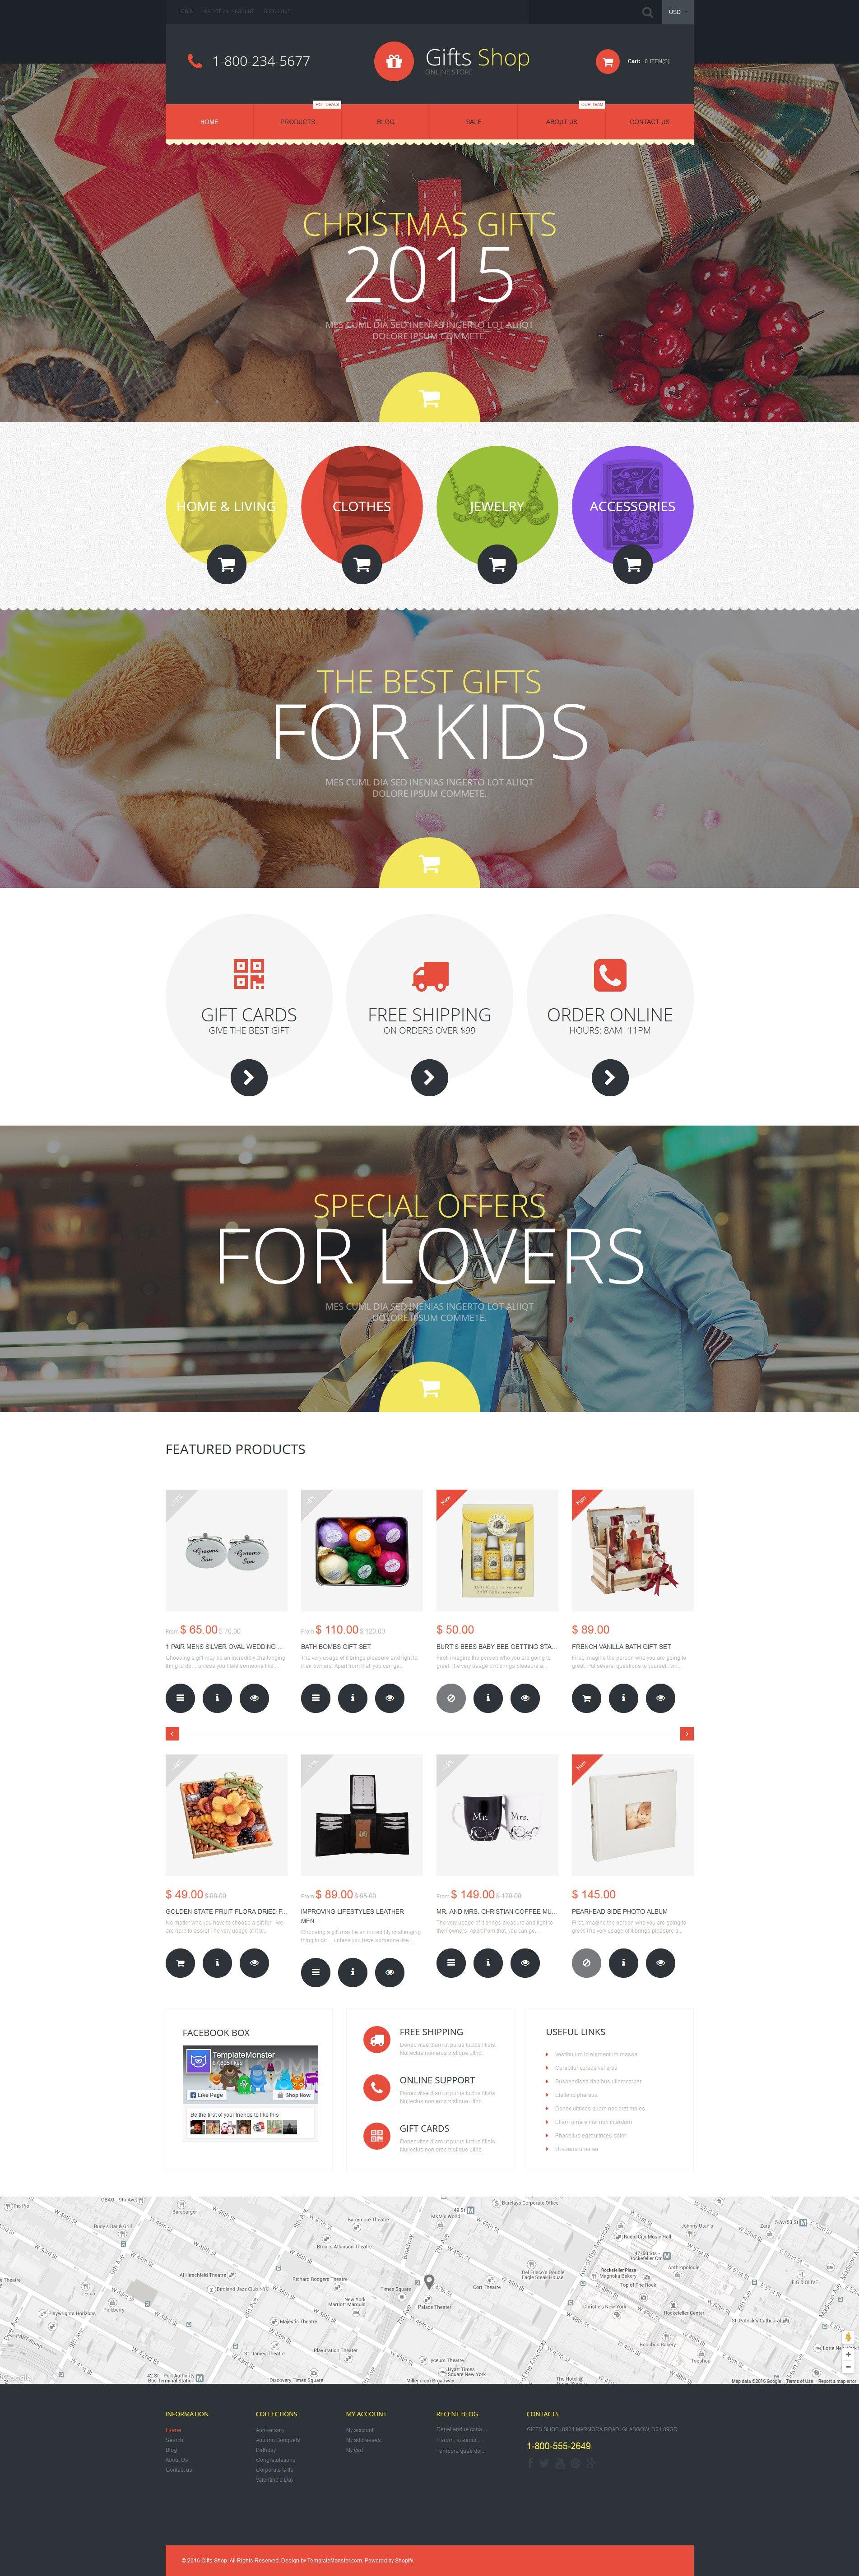 Responsive Gifts Shop Shopify #55607 - Ekran resmi